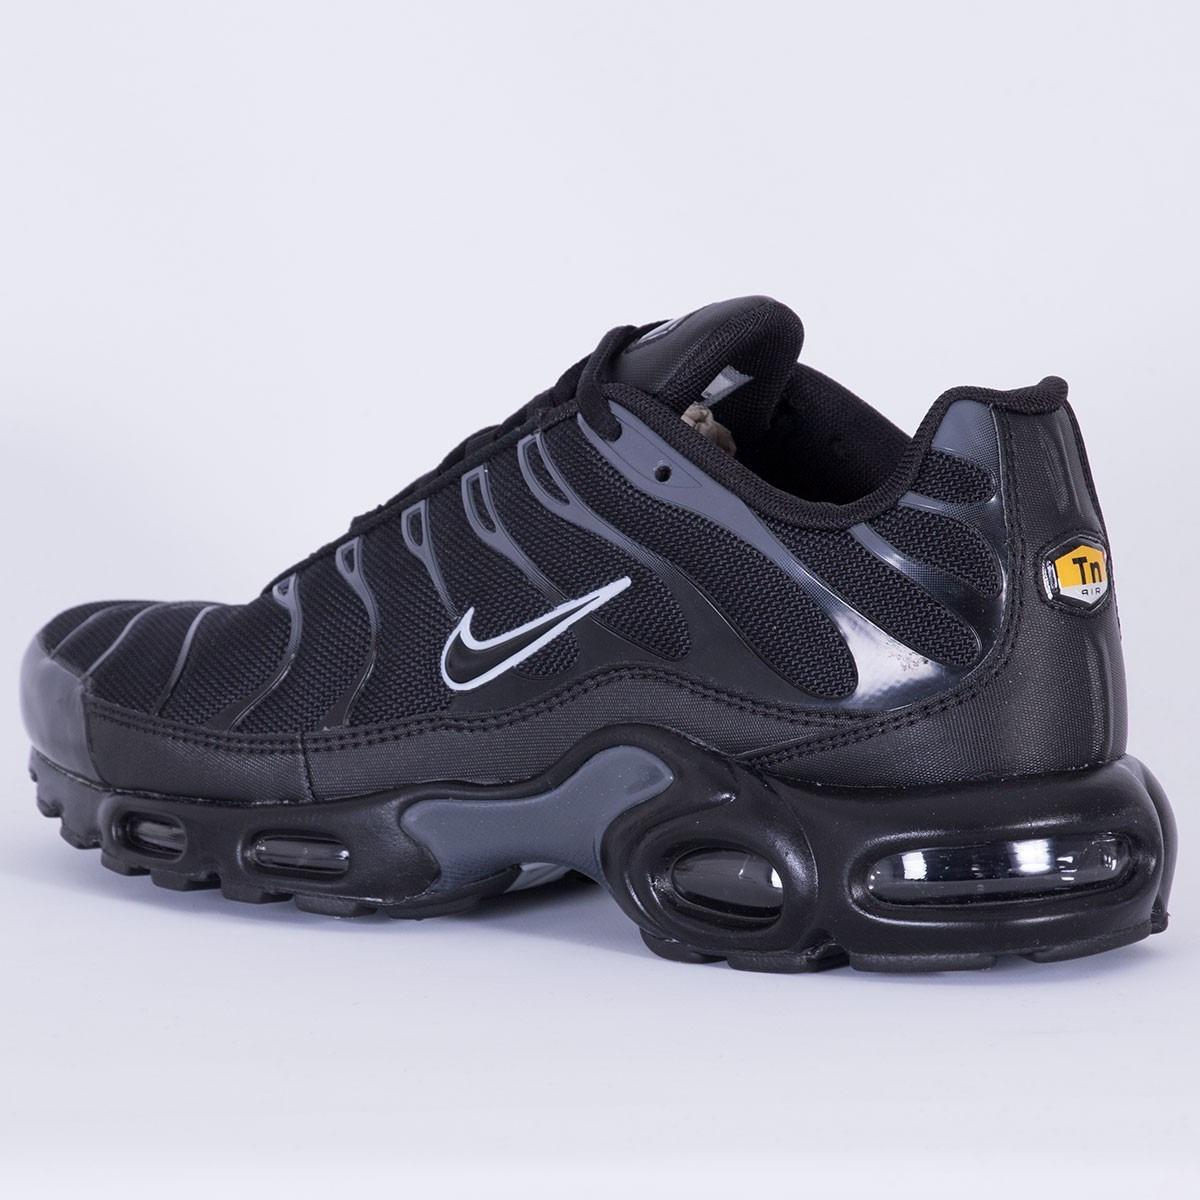 zapatillas air max hombre 2017